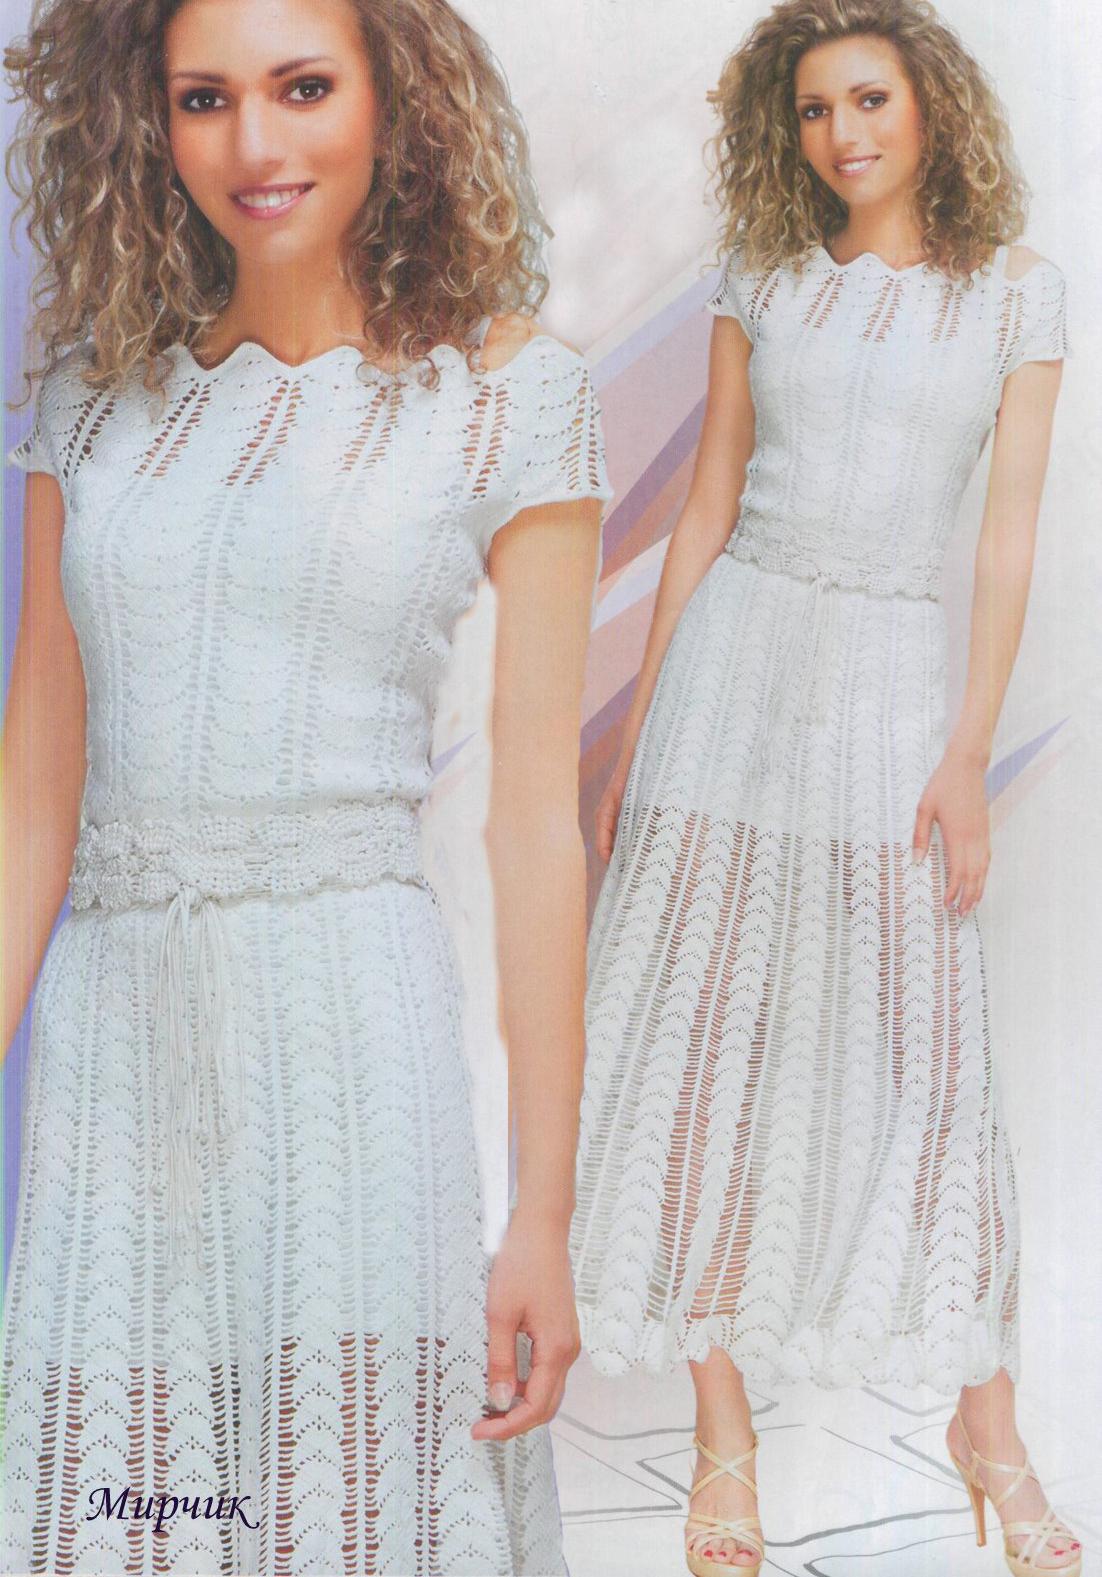 Вязание платьев в дневниках liveinternet